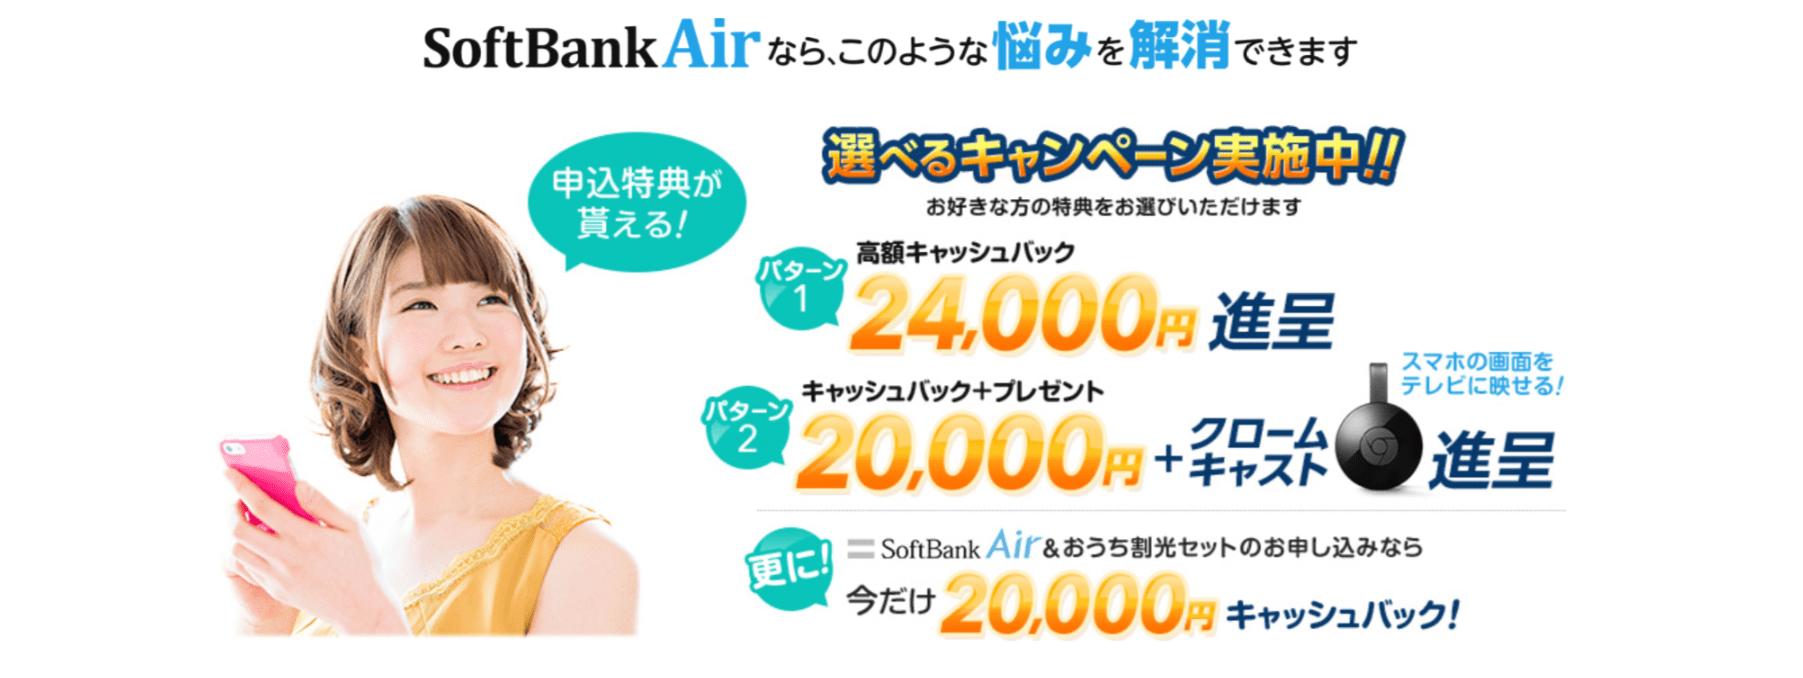 アウンカンパニーのSoftBankAir